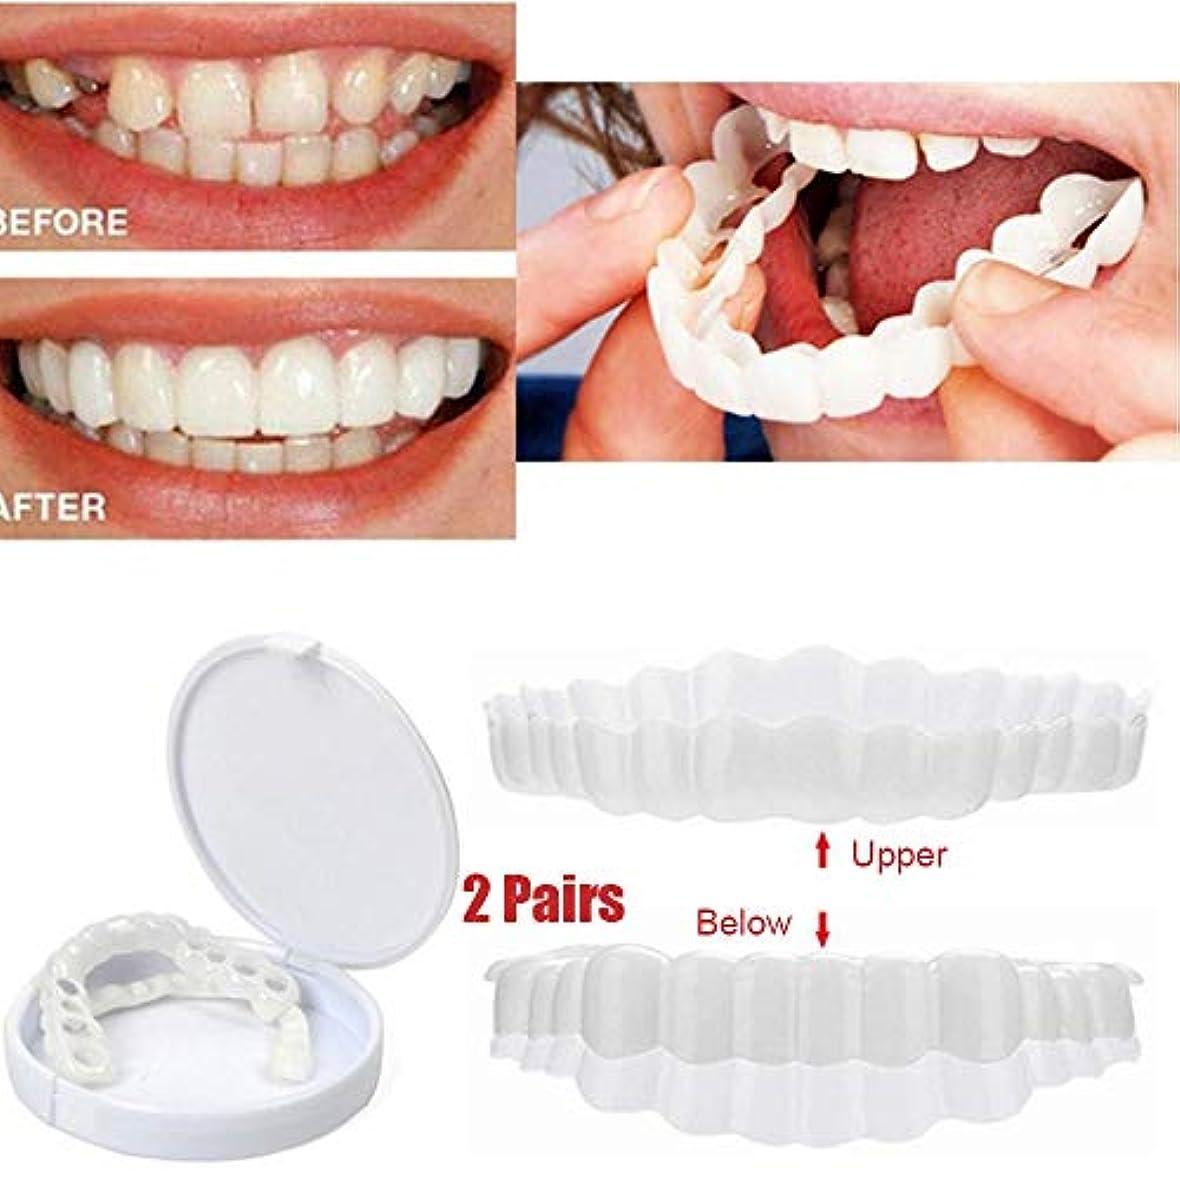 デモンストレーション時々努力白くなるベニヤ歯美容メイクアップ歯快適で柔軟な歯のケアケア自信を持って笑顔黄色い歯悪い歯ホワイトニングオーラルケア(2ペア)